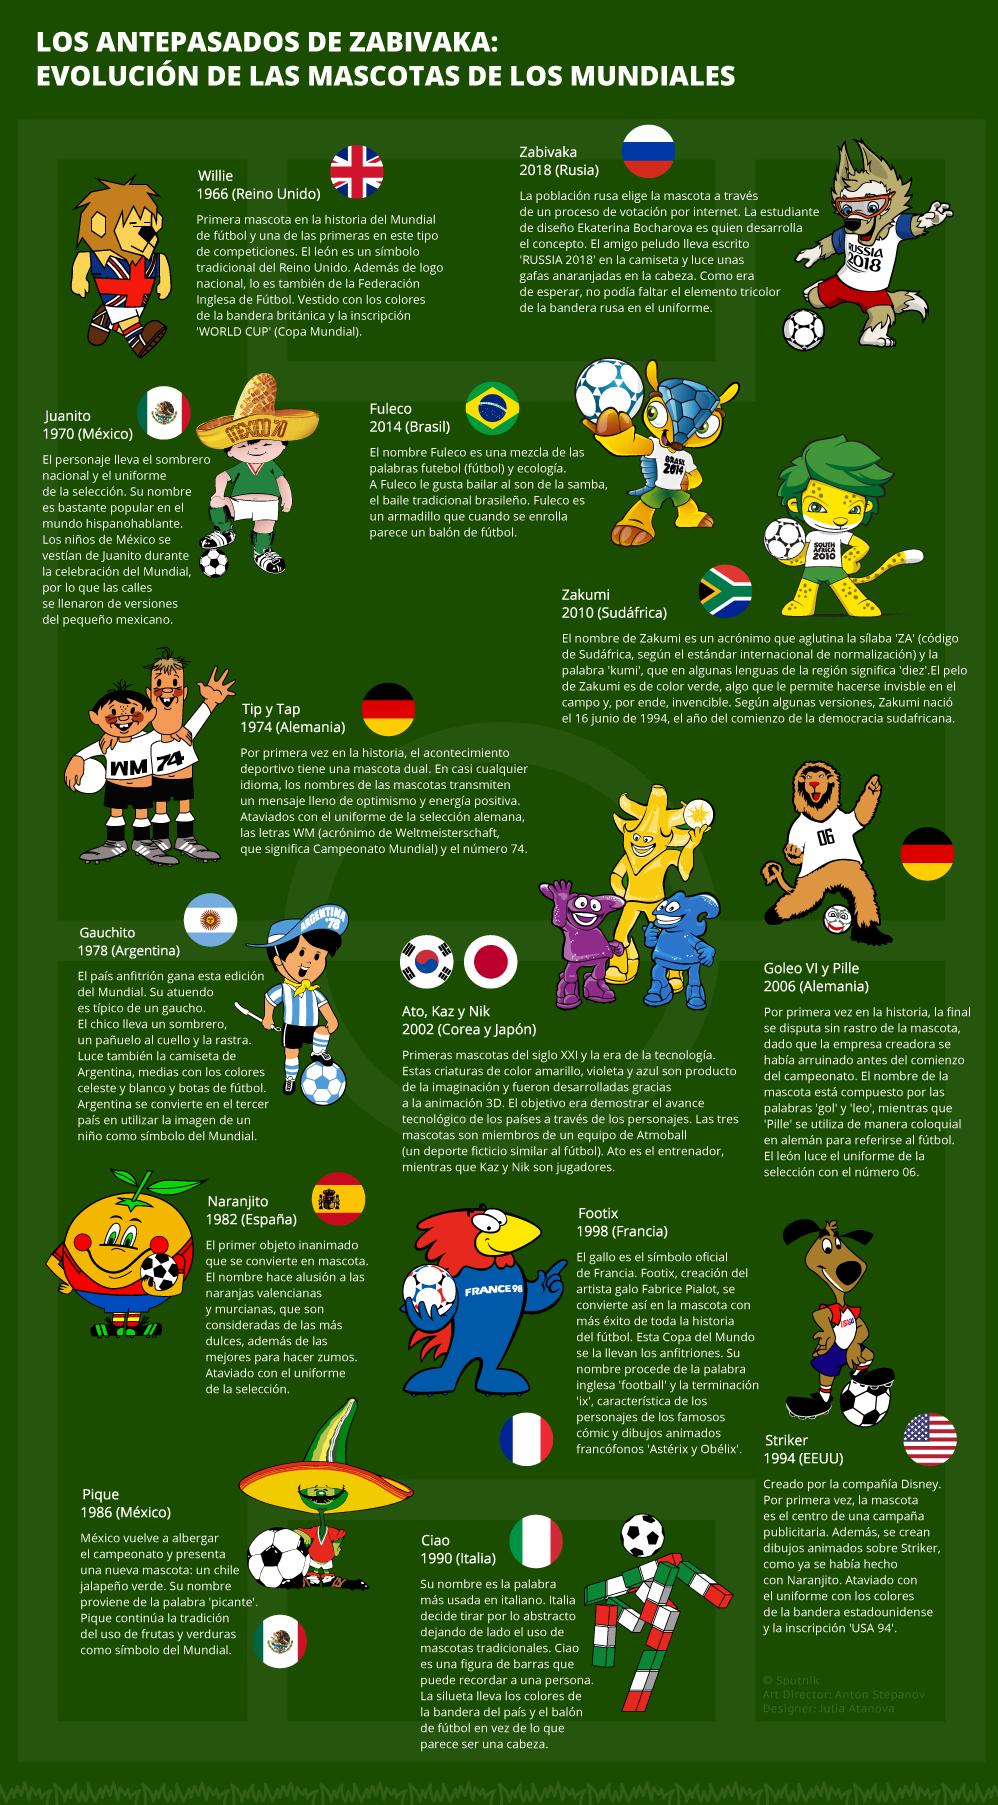 Amigos del fútbol  la evolución de las mascotas de los mundiales ... a19de6c9e9985